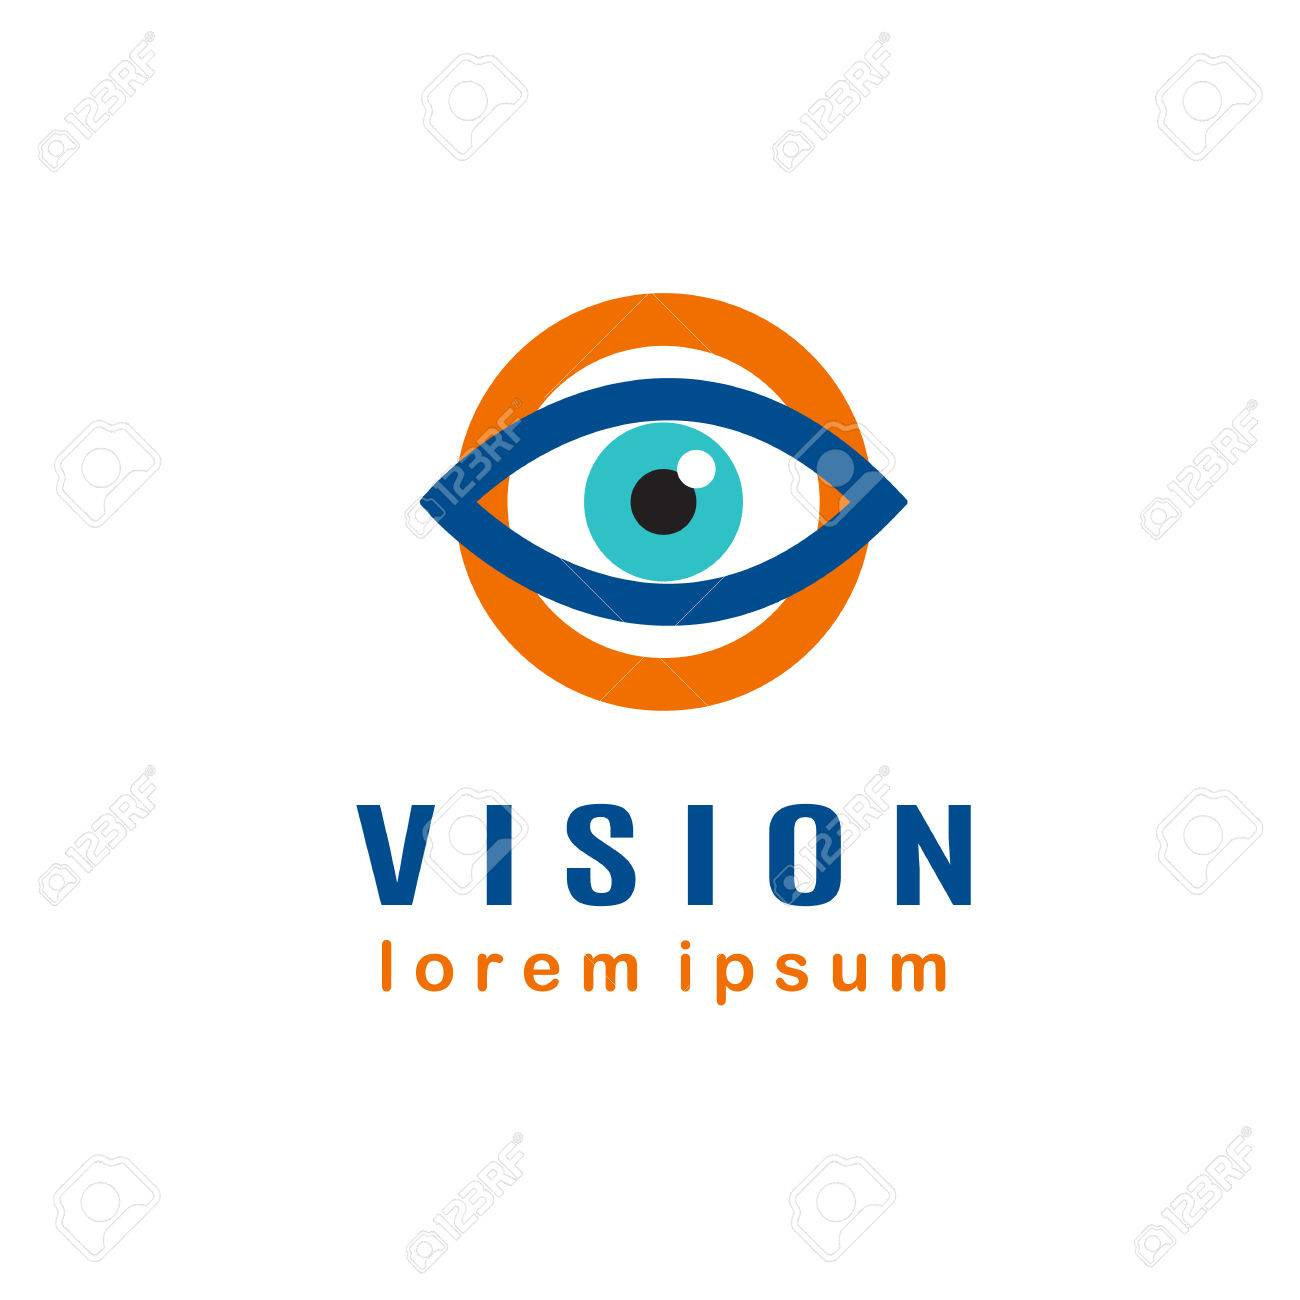 Modele Doeil Concept De Vision Carte Visite Dophtalmologiste Banque